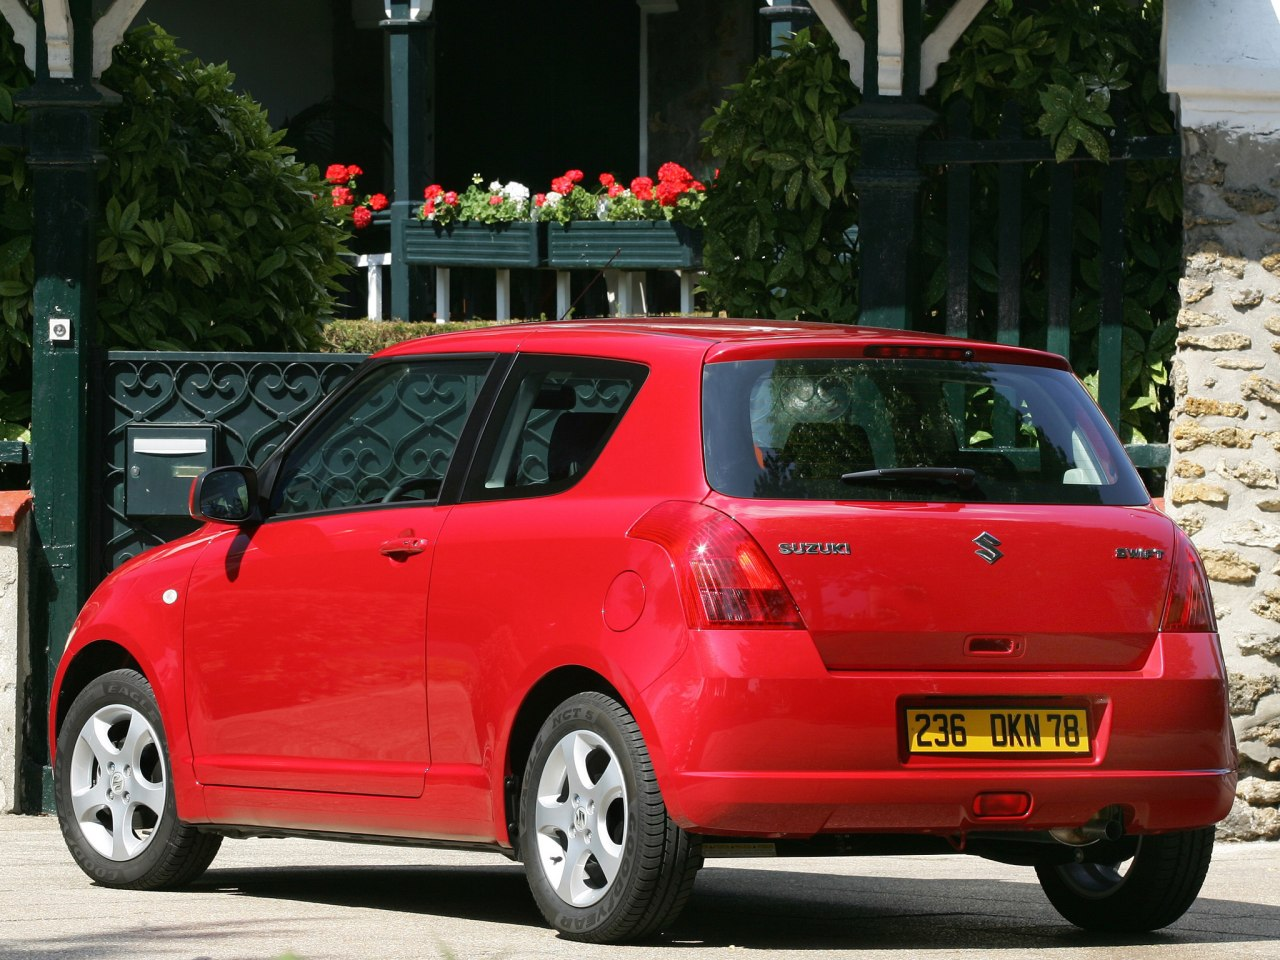 Suzuki-Swift-2005-2010-01.jpg